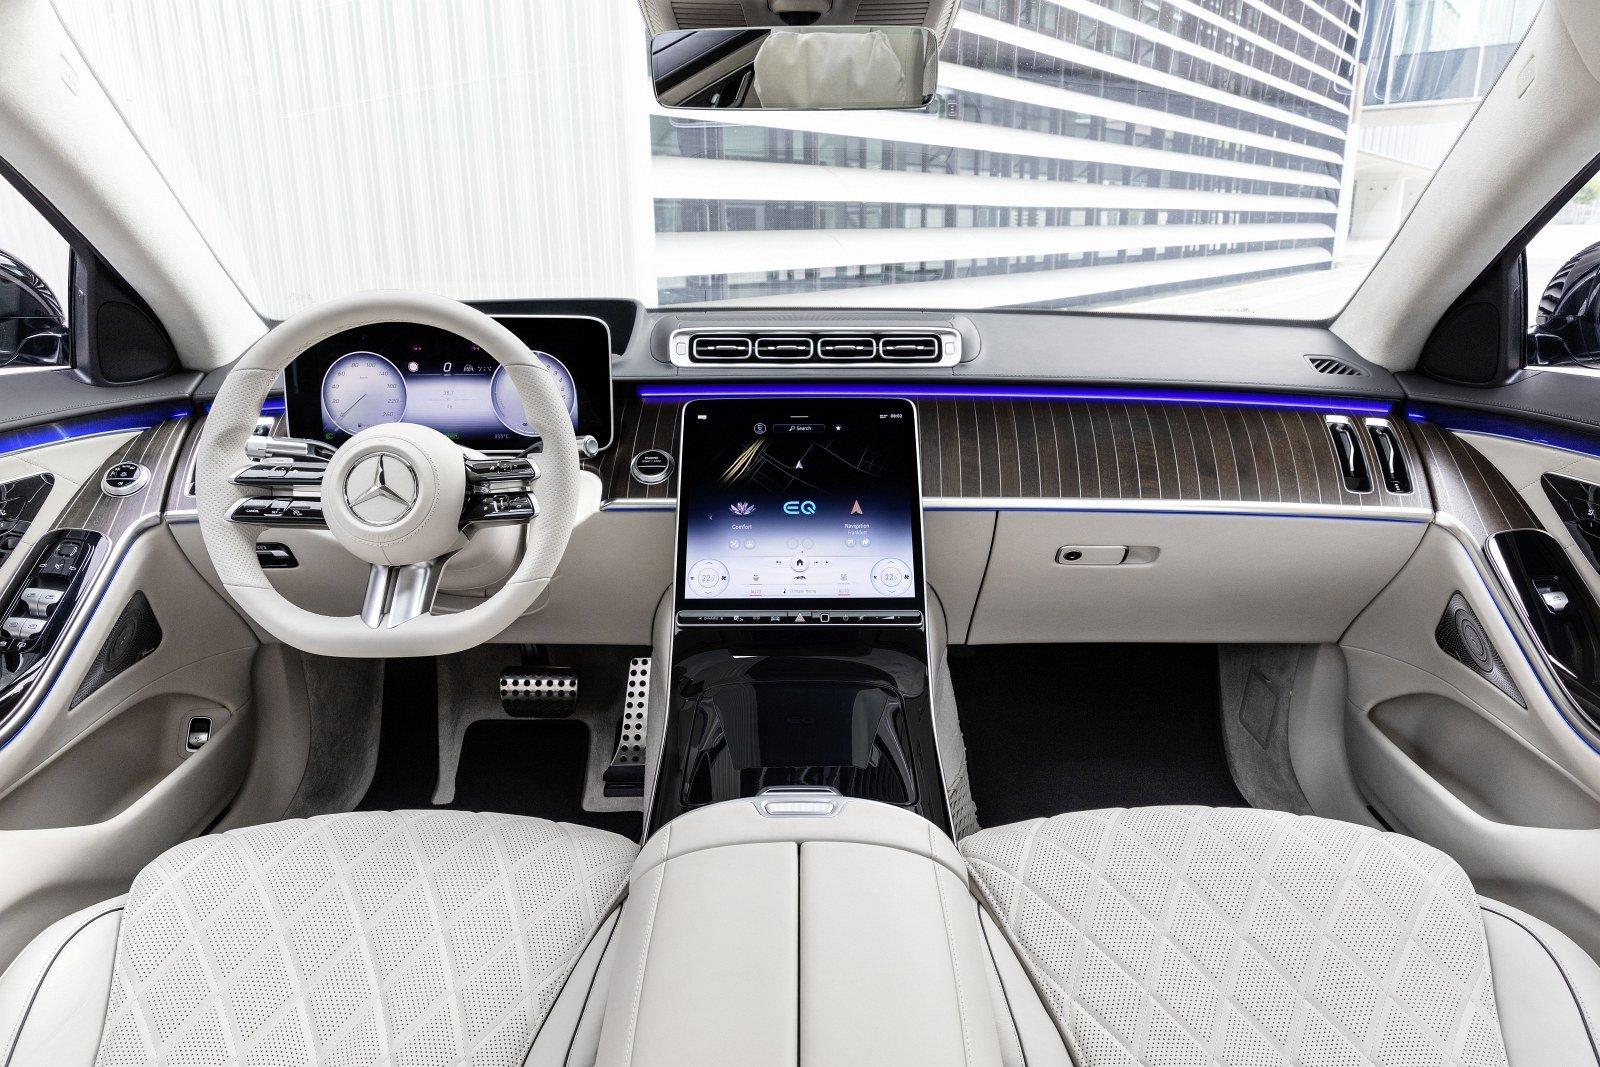 mercedes-klasy-s-2021-w223-deska-rozdzielcza-kokpit.jpg